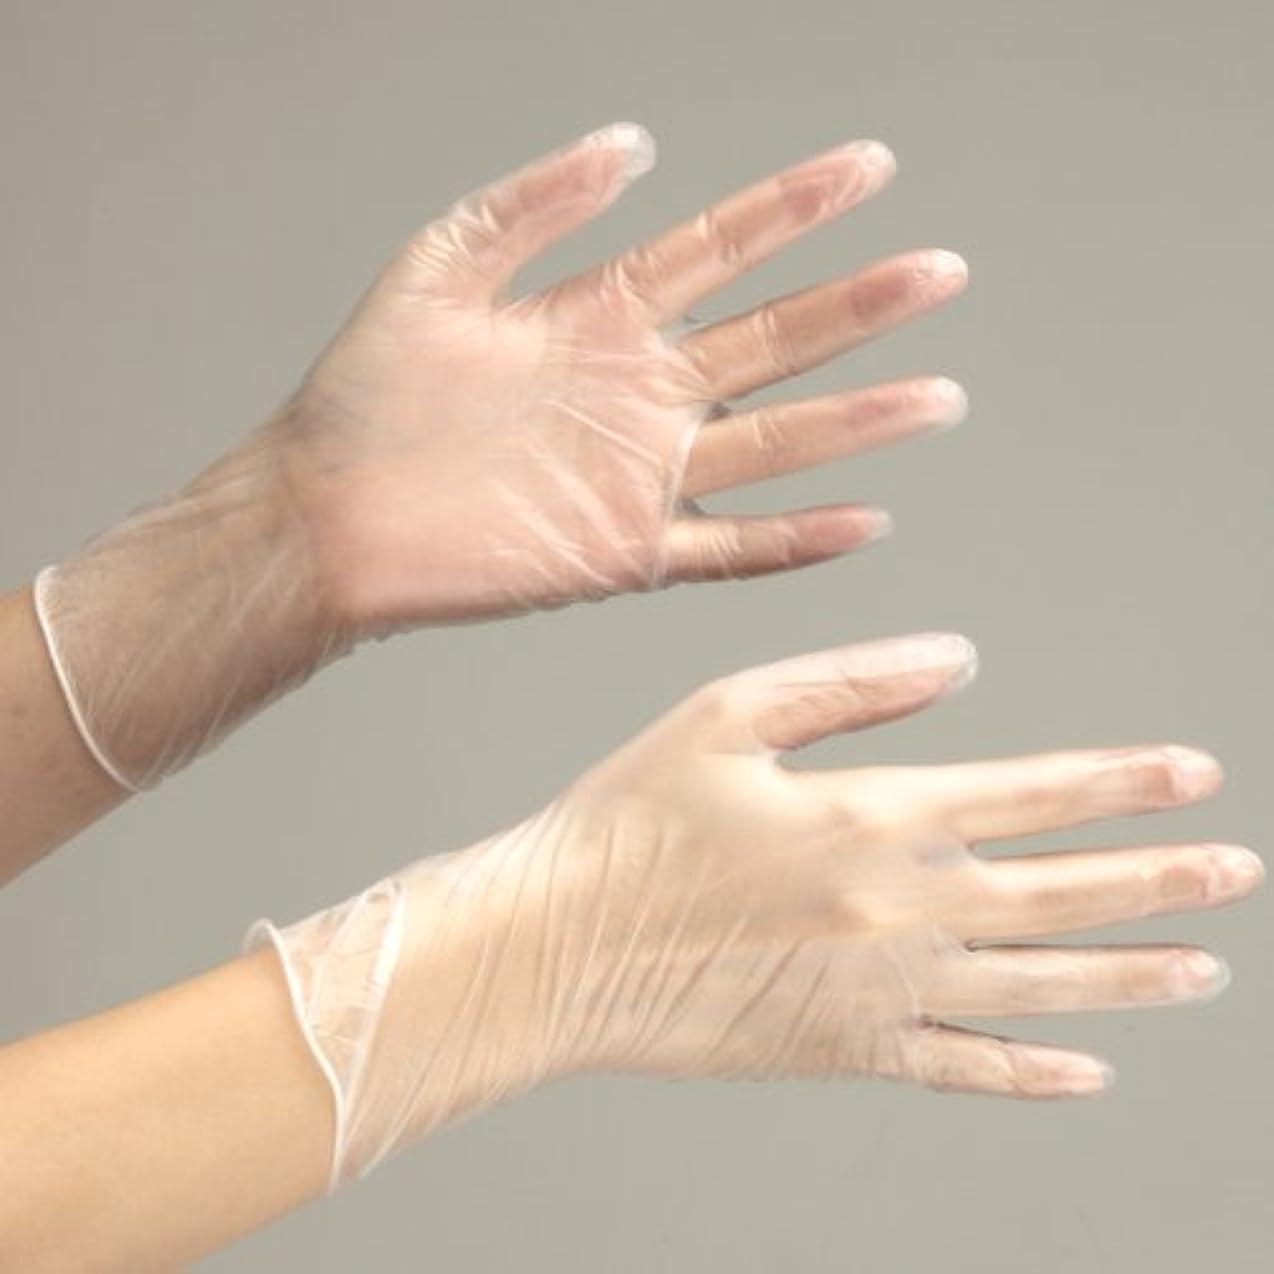 引退する一定困惑するミドリ安全 塩化ビニール製ディスポ手袋 粉付き ベルテプラテ853 100枚入